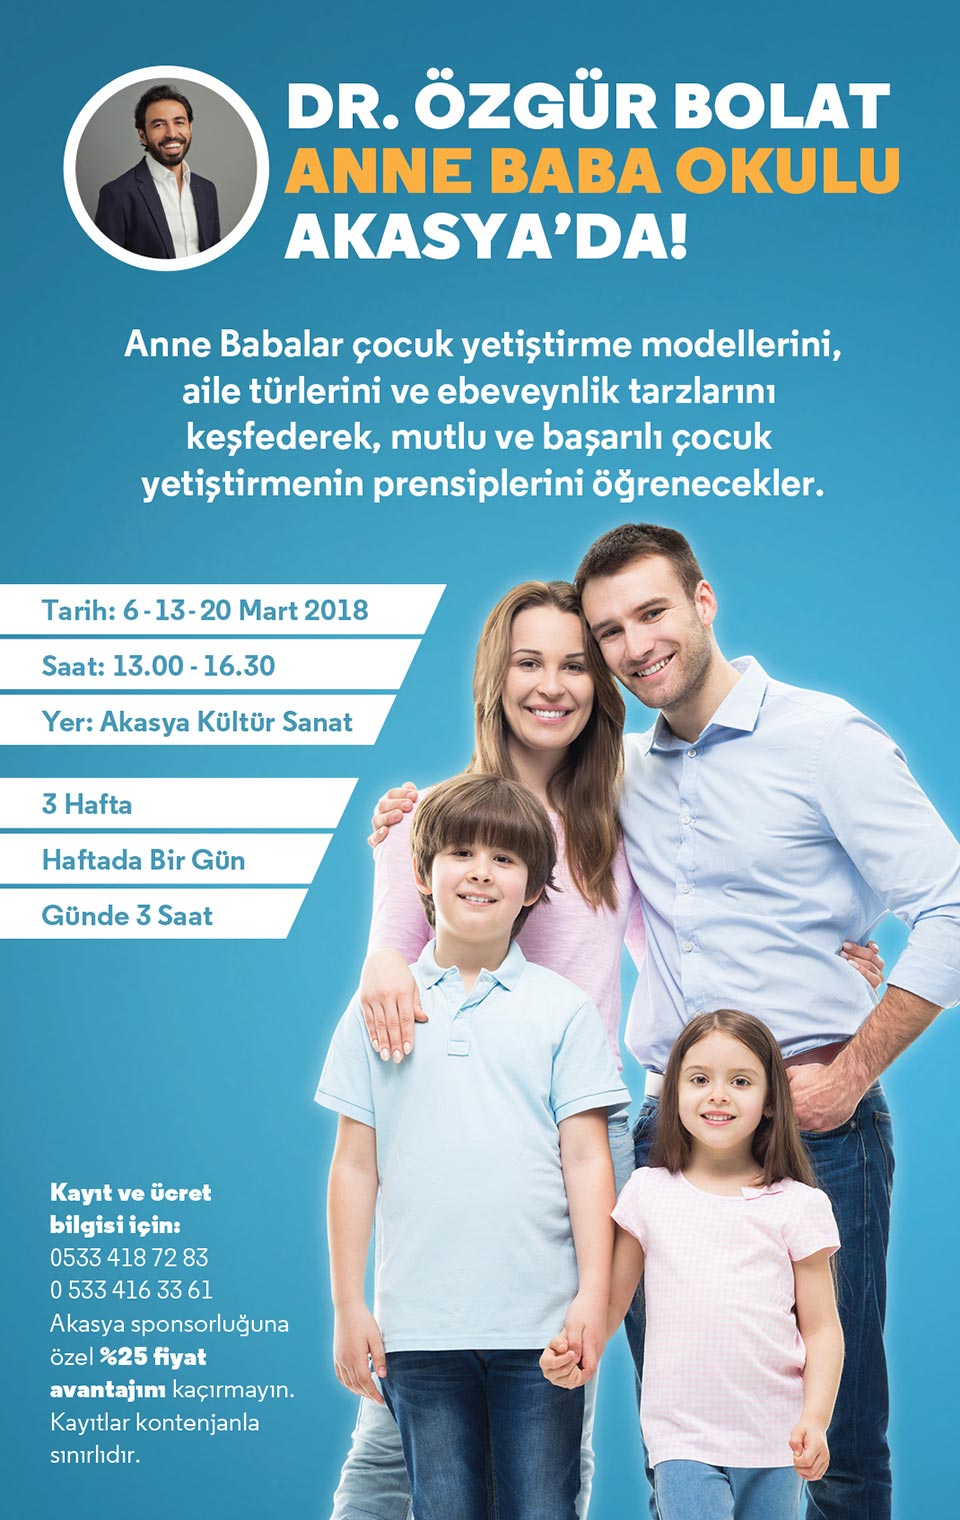 DR. ÖZGÜR BOLAT - ANNE BABA OKULU